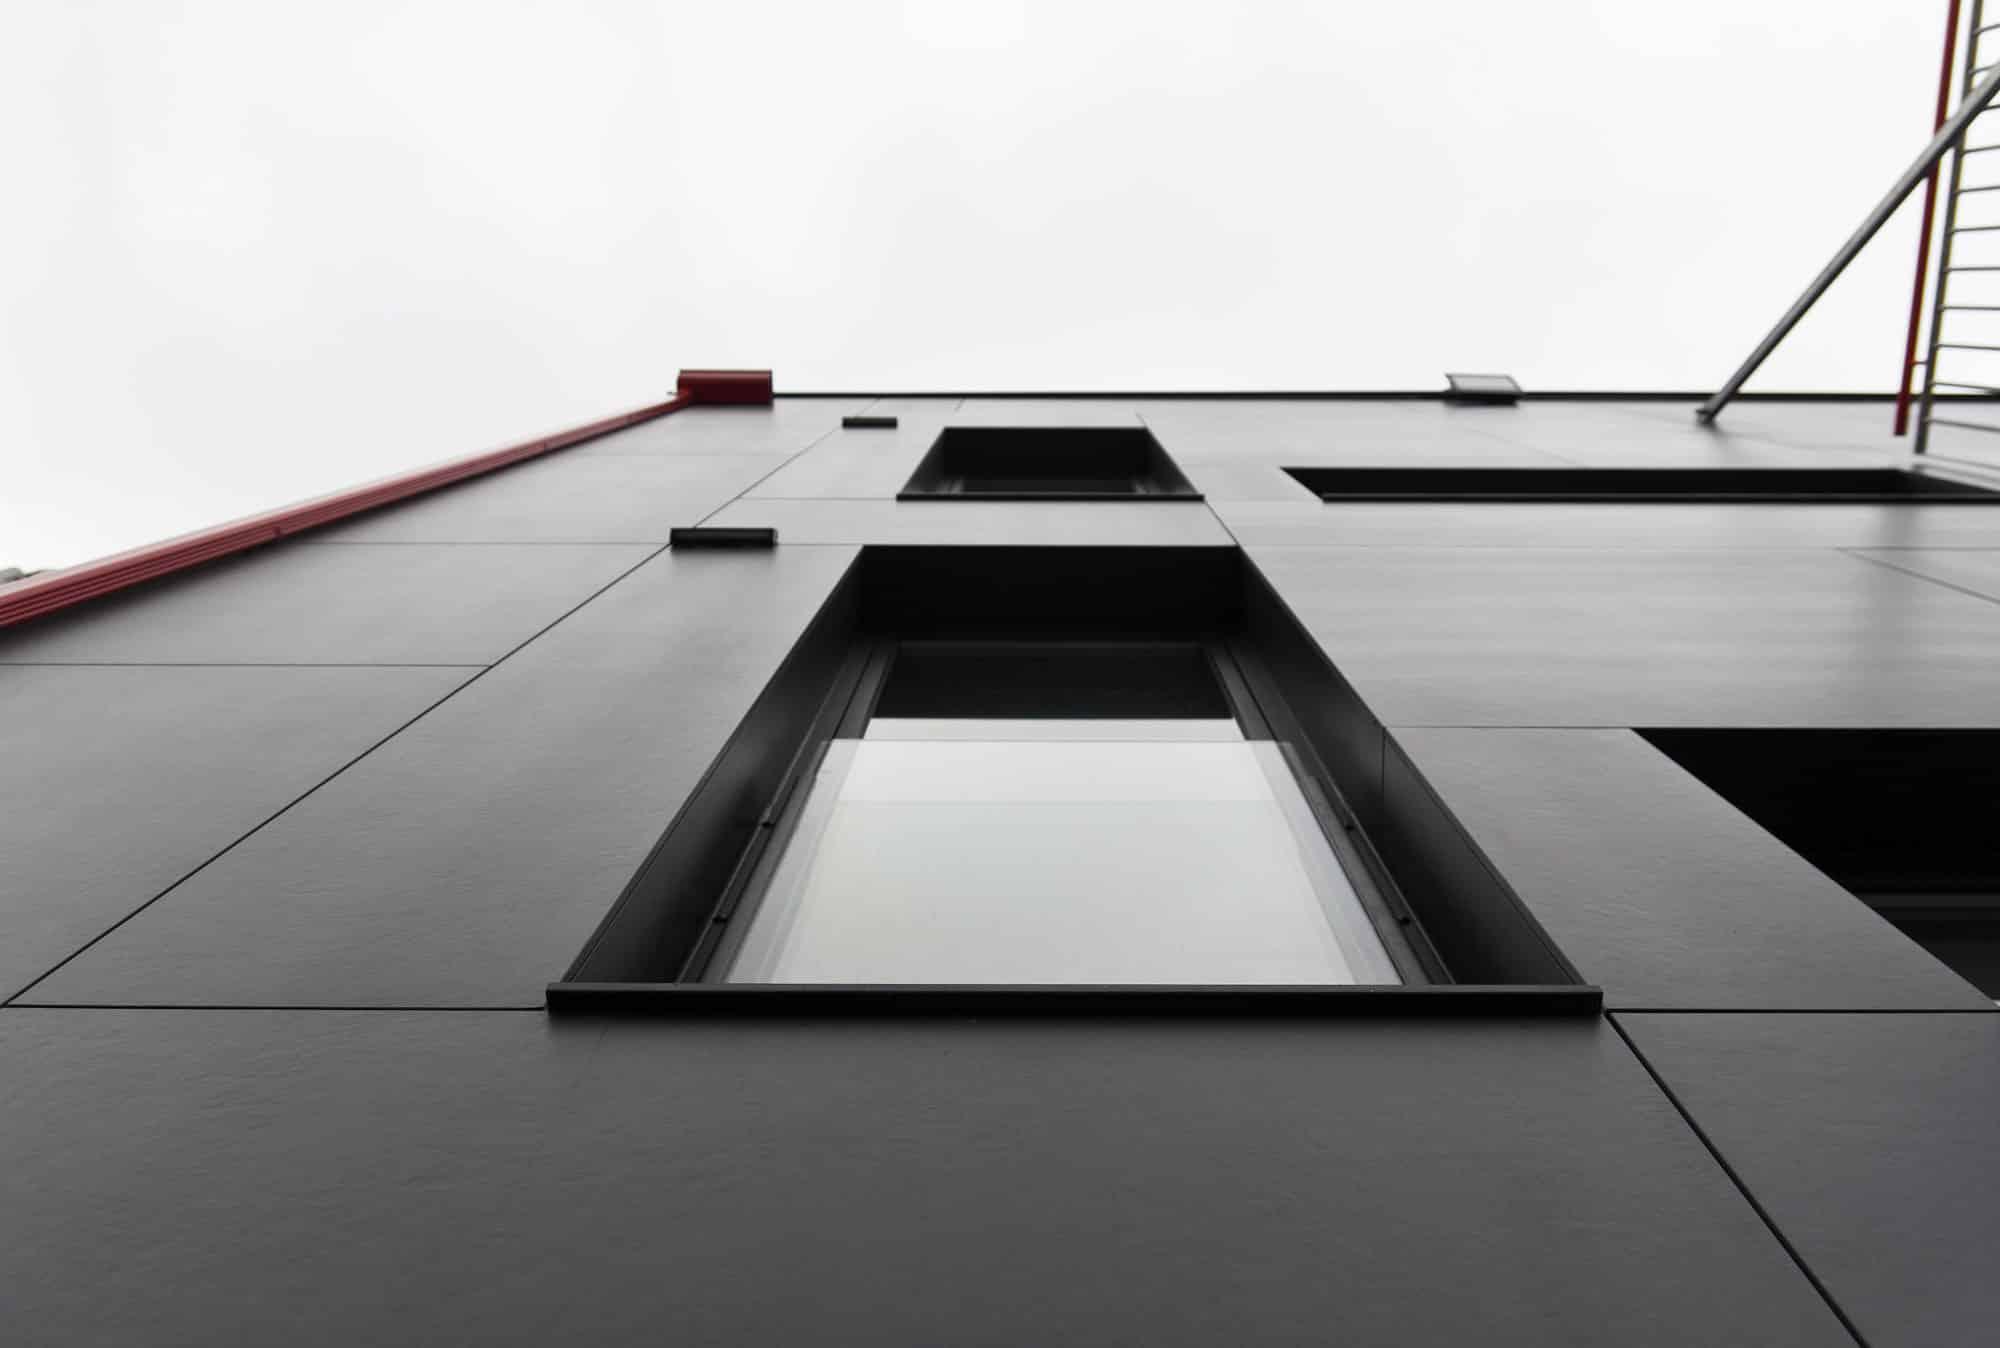 Arteixo Residential  - Arteixo Dekton facade 8 47